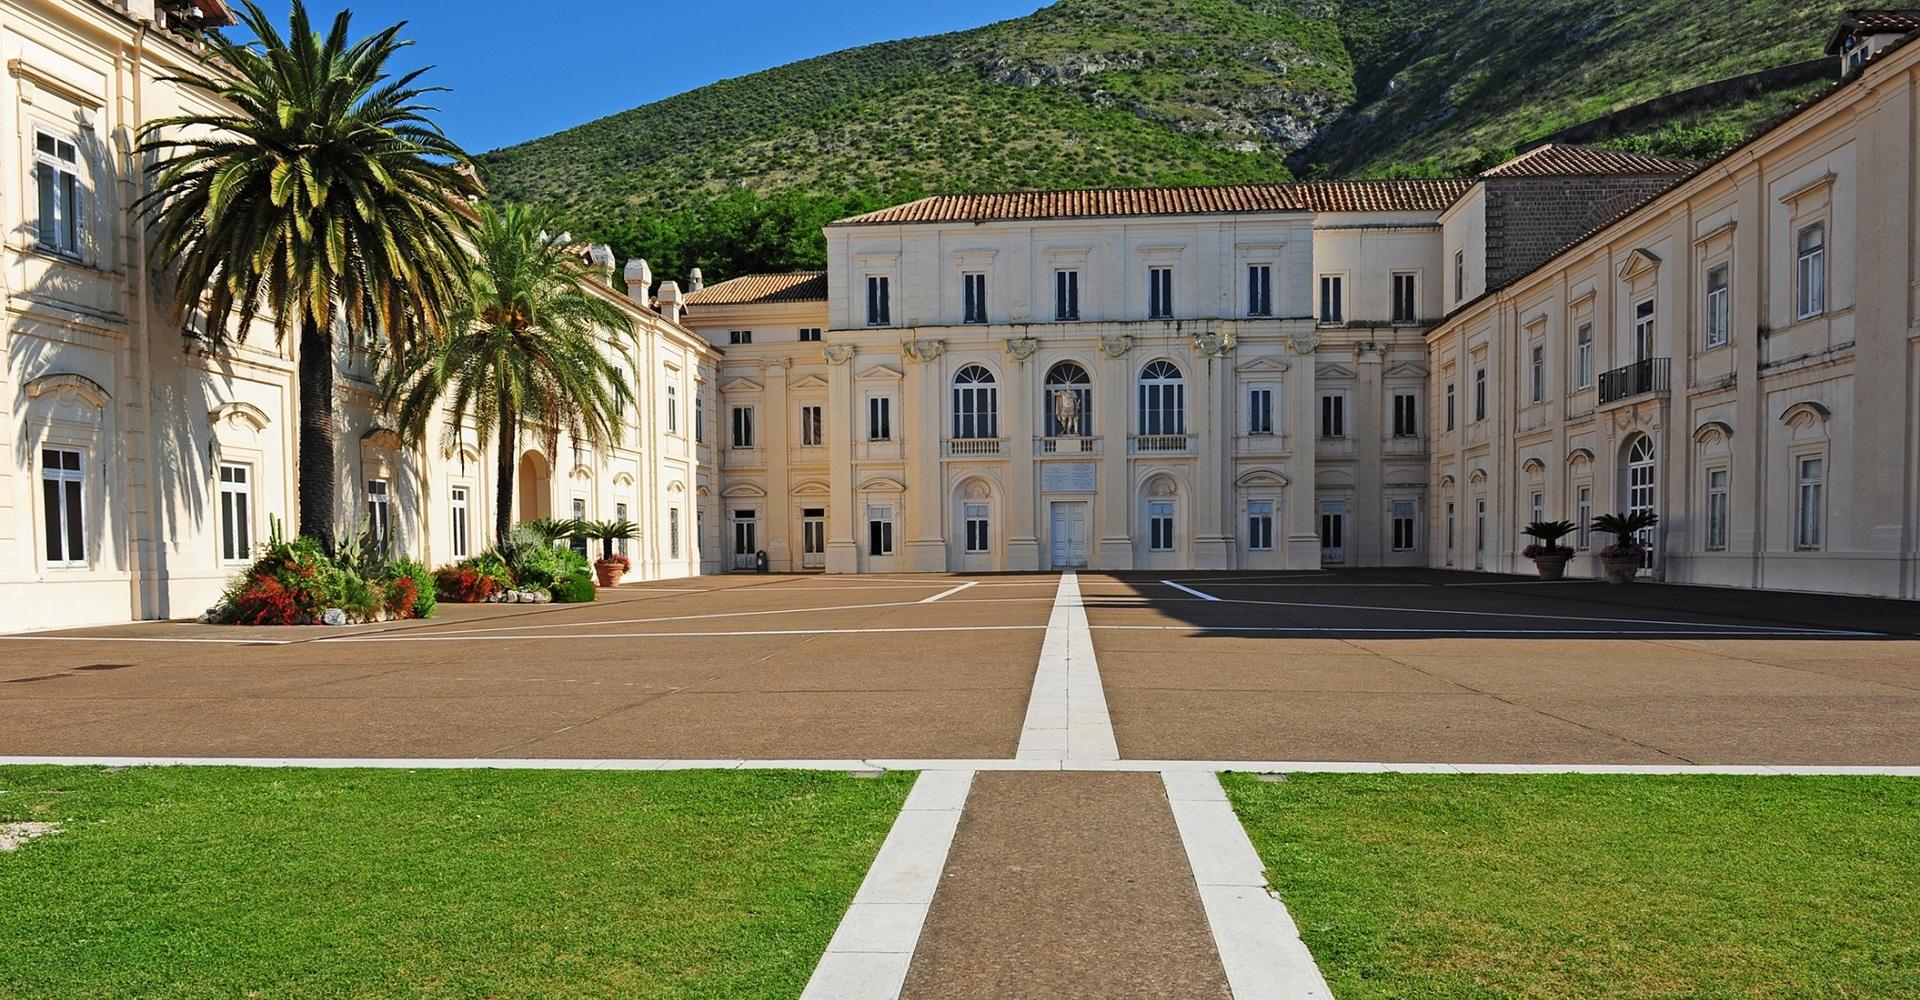 San Leucio di Caserta – Complesso Monumentale del Belvedere